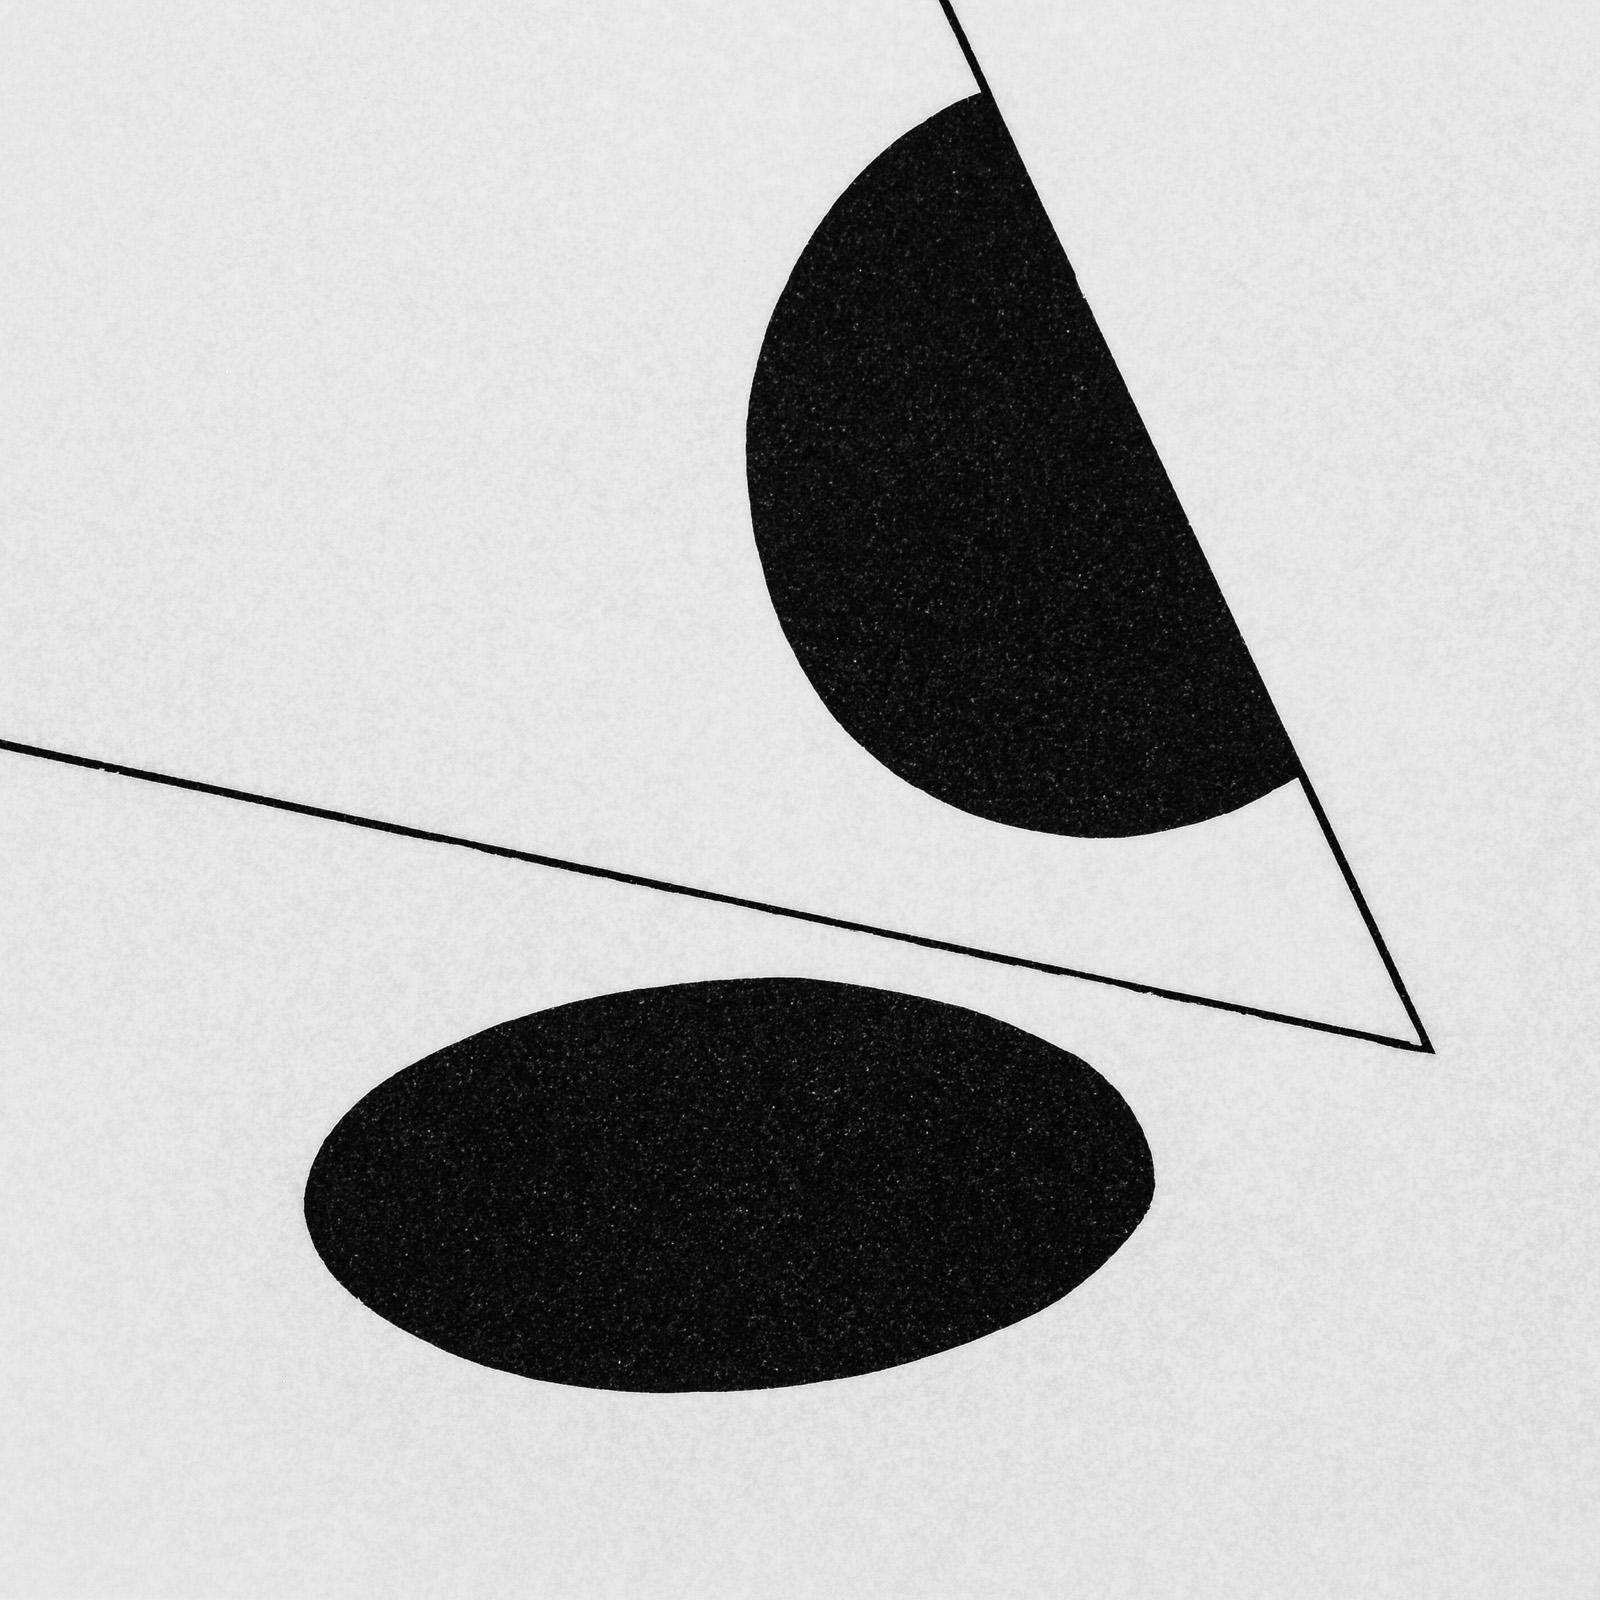 논픽처 - nonpicture, n-16, 20X20cm, Gelatin Silver Print, 2019